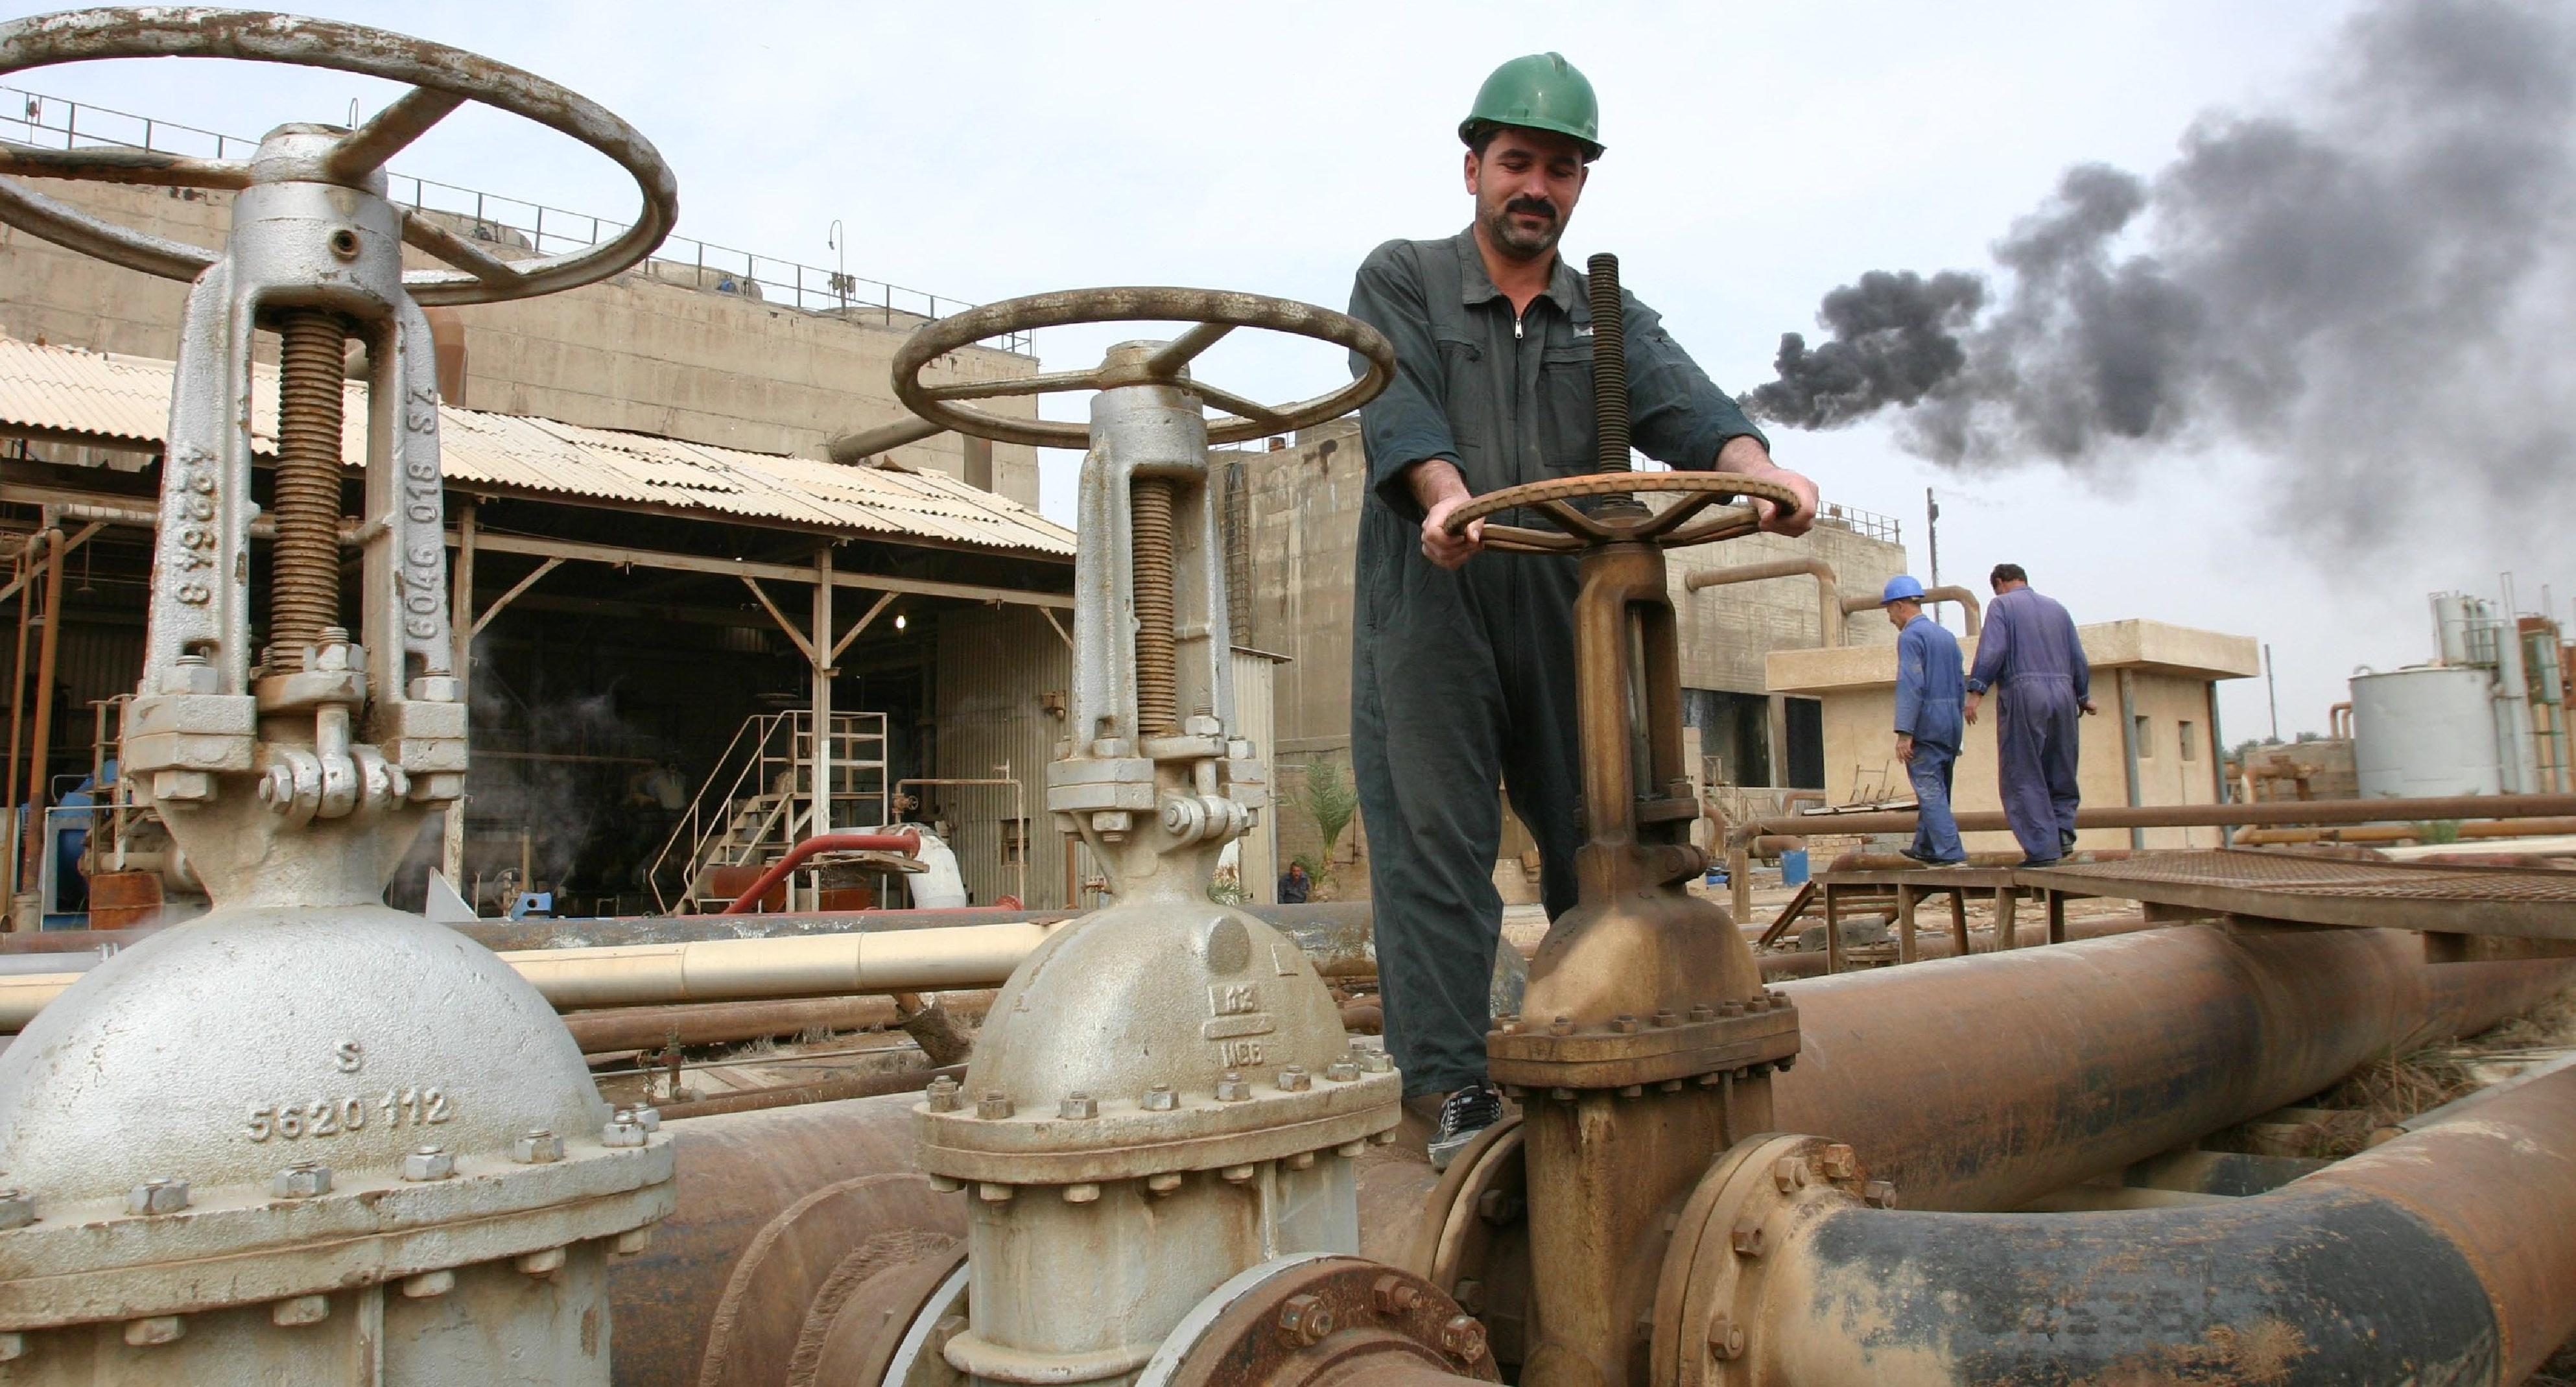 العراق يخفض سعر خام البصرة .. والنفط ينزل عن أعلى سعر في 3 سنوات